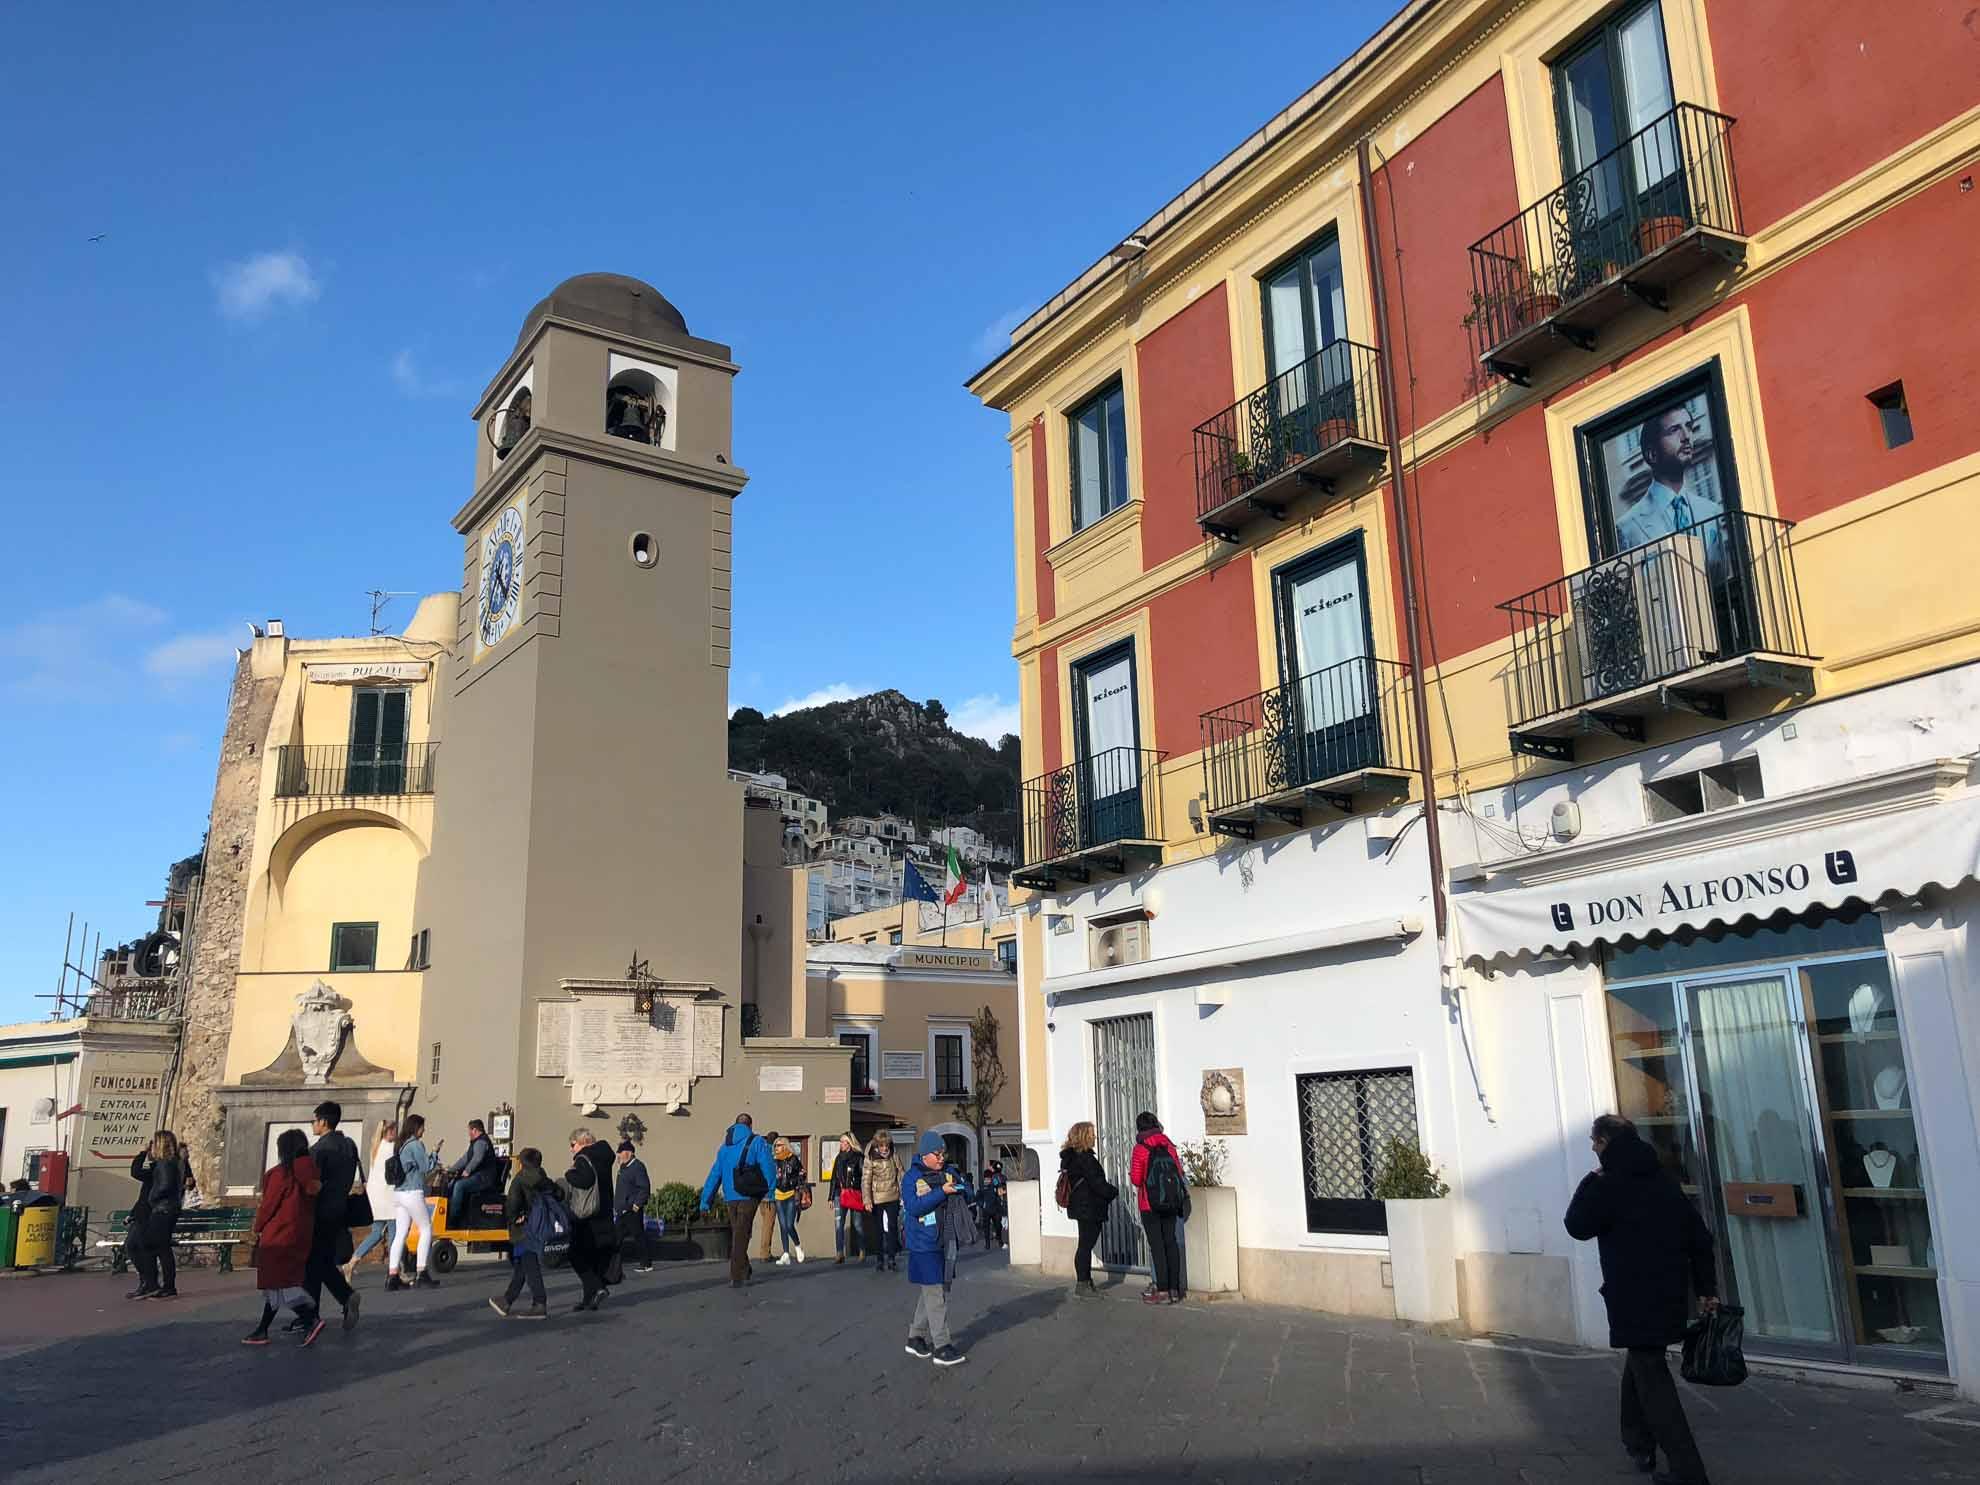 Capri ist bekannt für seine Meeresgrotten und ist ein beliebtes Urlaubs- und Ausflugsziel.